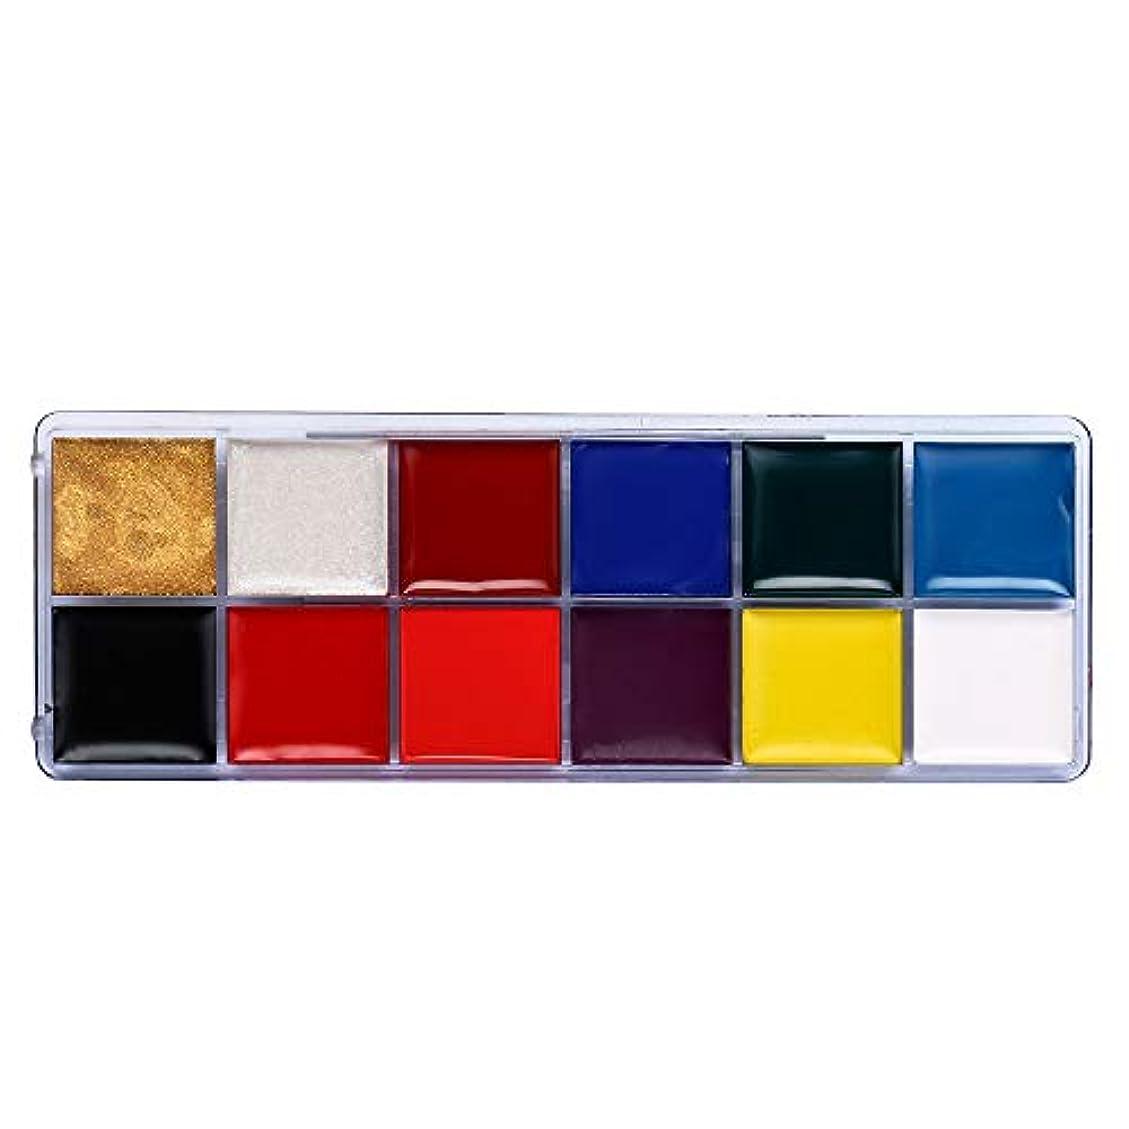 モンキークスクス閉じる12色ボディ塗装オイルカラードラマピエロハロウィンメイクアップフェイスカラー